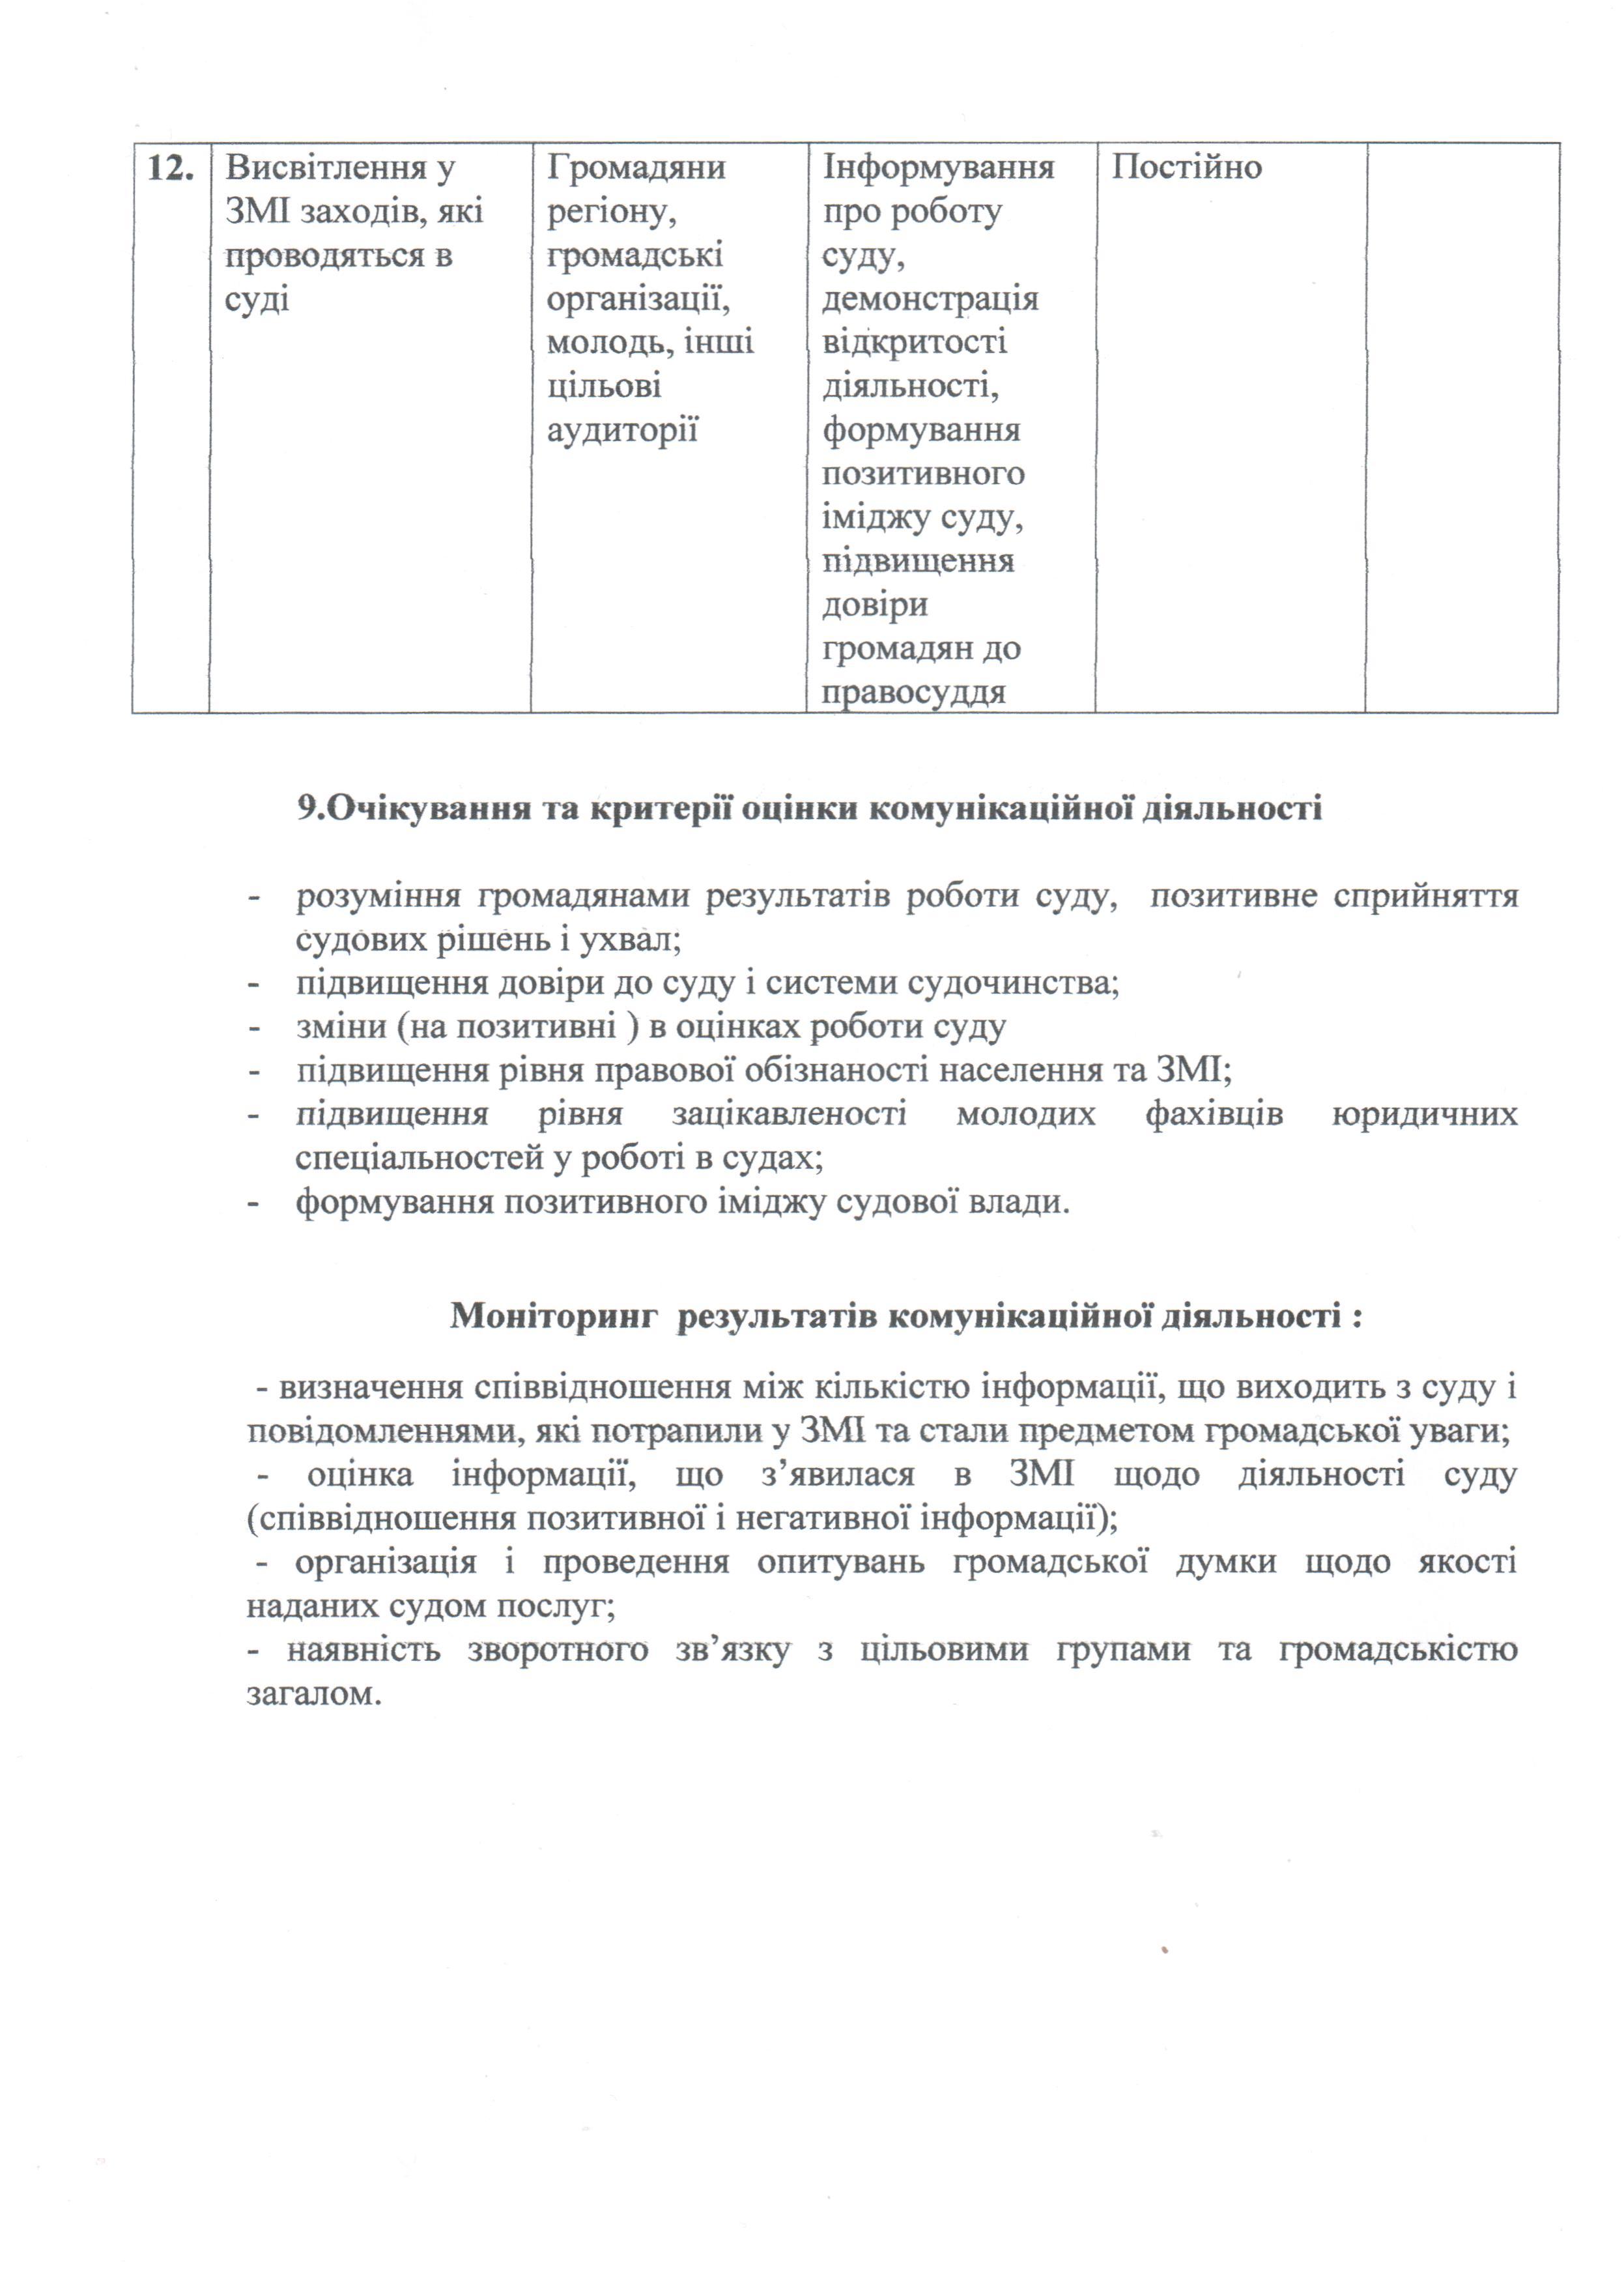 str_12